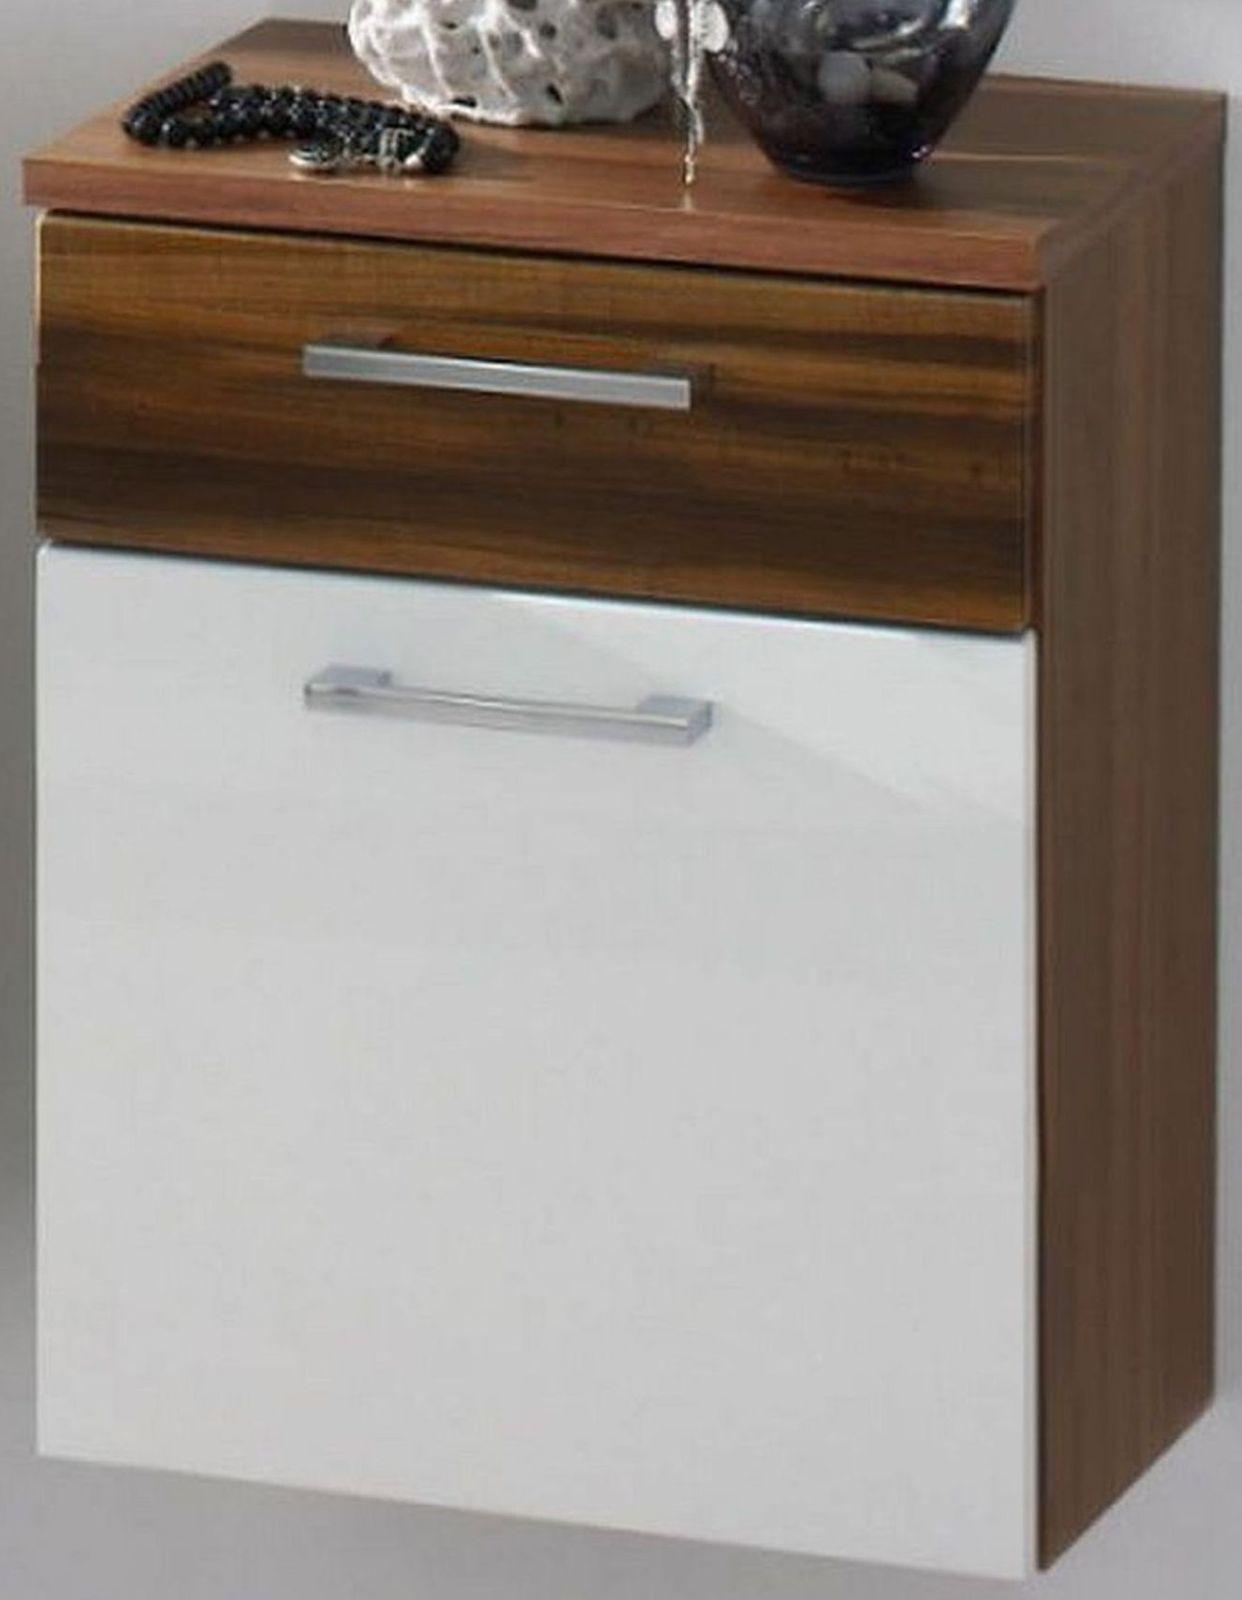 Badezimmer Badmöbel Schrank Unterschrank 40 X 53 X 30 Cm Badschrank *5877.91